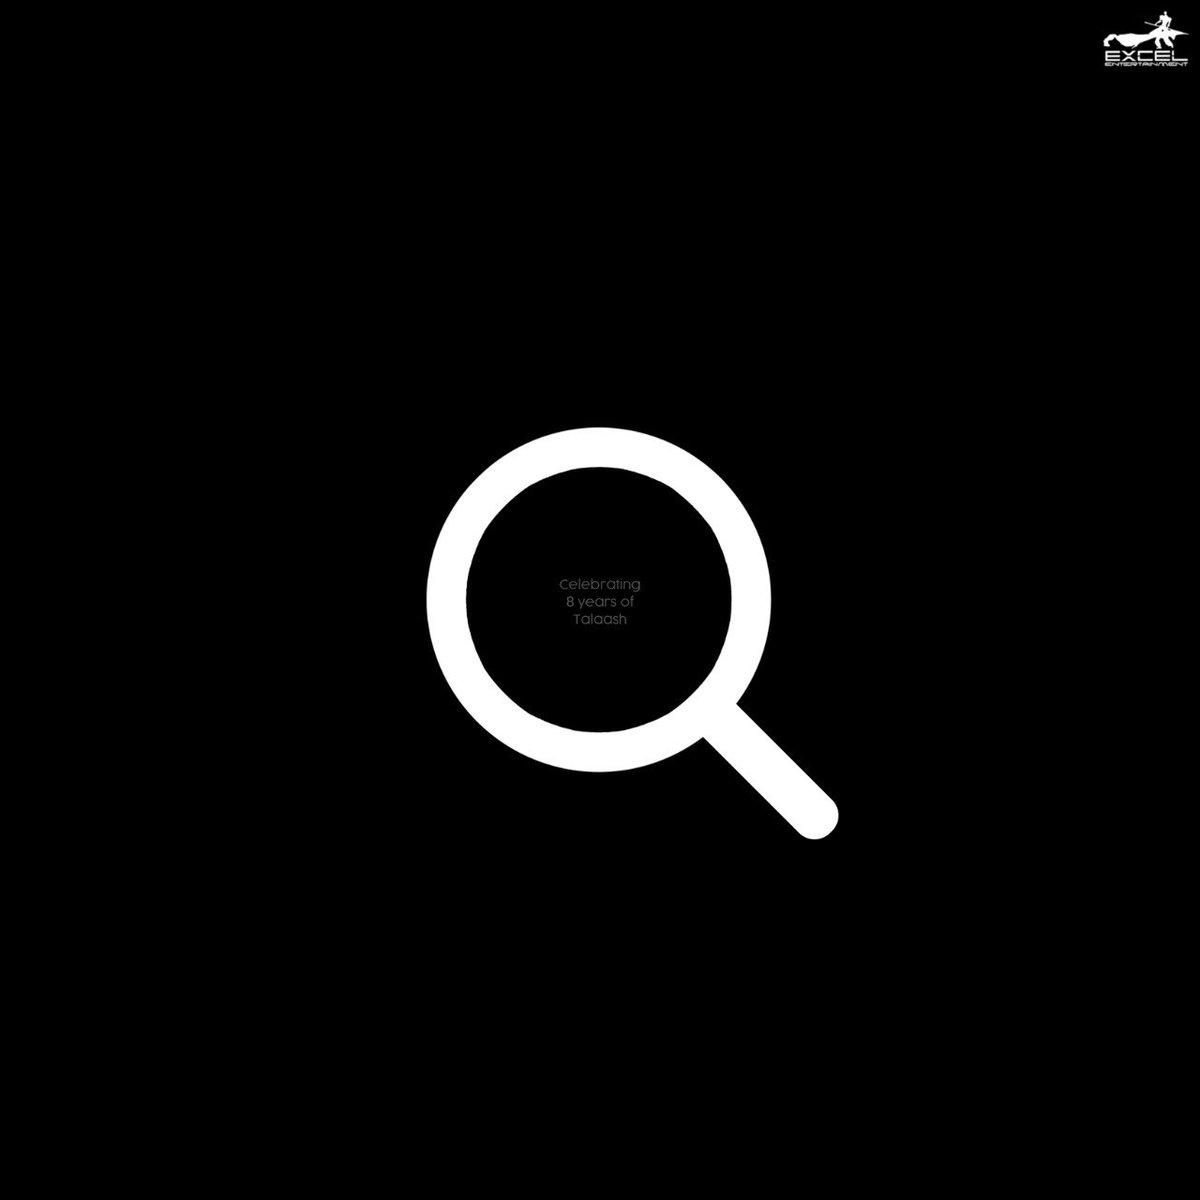 Zoom in, the answer lies within. #Talaash  @aamir_khan #KareenaKapoorKhan #RaniMukherjee @Nawazuddin_S @RajkummarRao @ritesh_sid @FarOutAkhtar @kagtireema #ZoyaAkhtar @tigerbabyindia @Javedakhtarjadu @RamSampathLive #KUMohanan #AamirKhanProductions @RelianceEnt